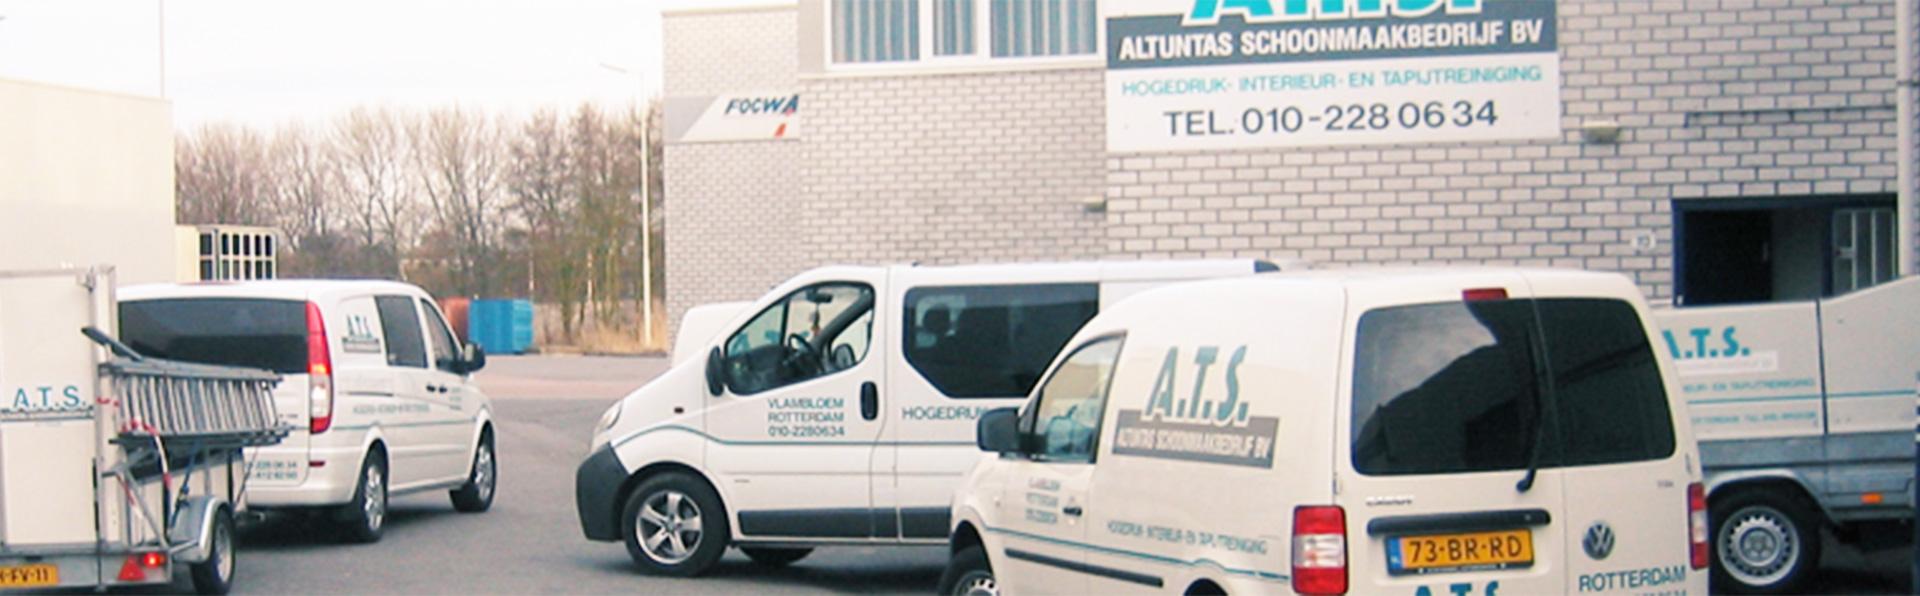 Schoonmaakbedrijf-Den-Haag-ATS-header